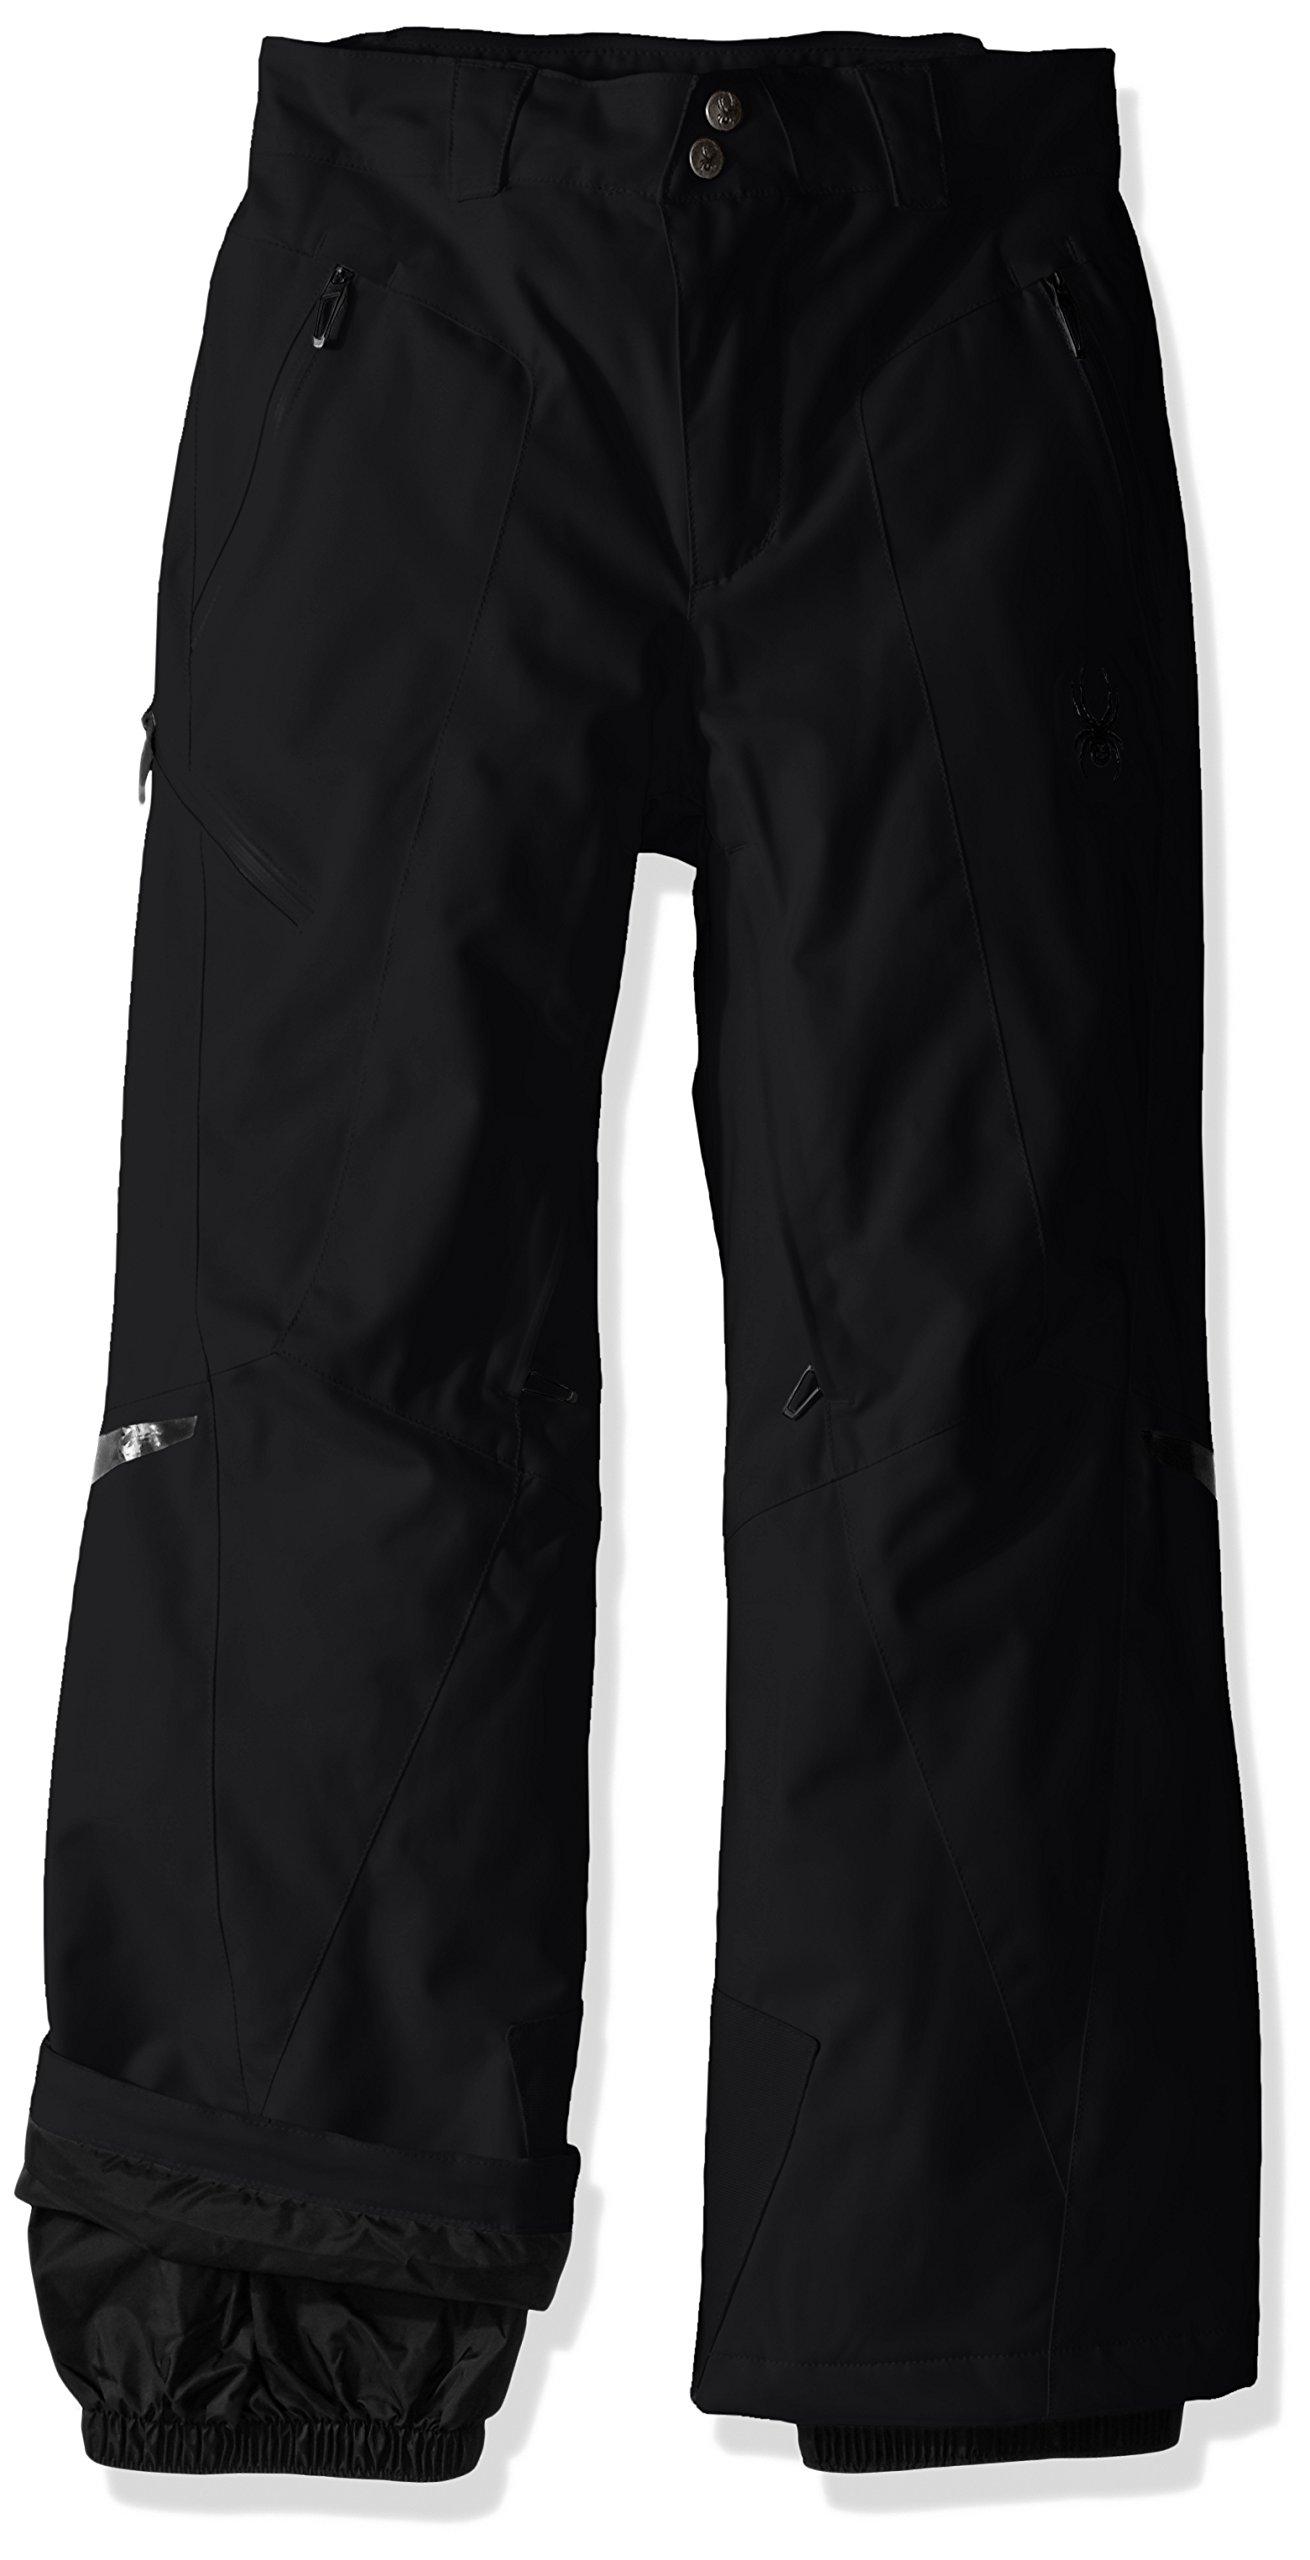 Spyder Boys Bormio Pants, Size 16, Black